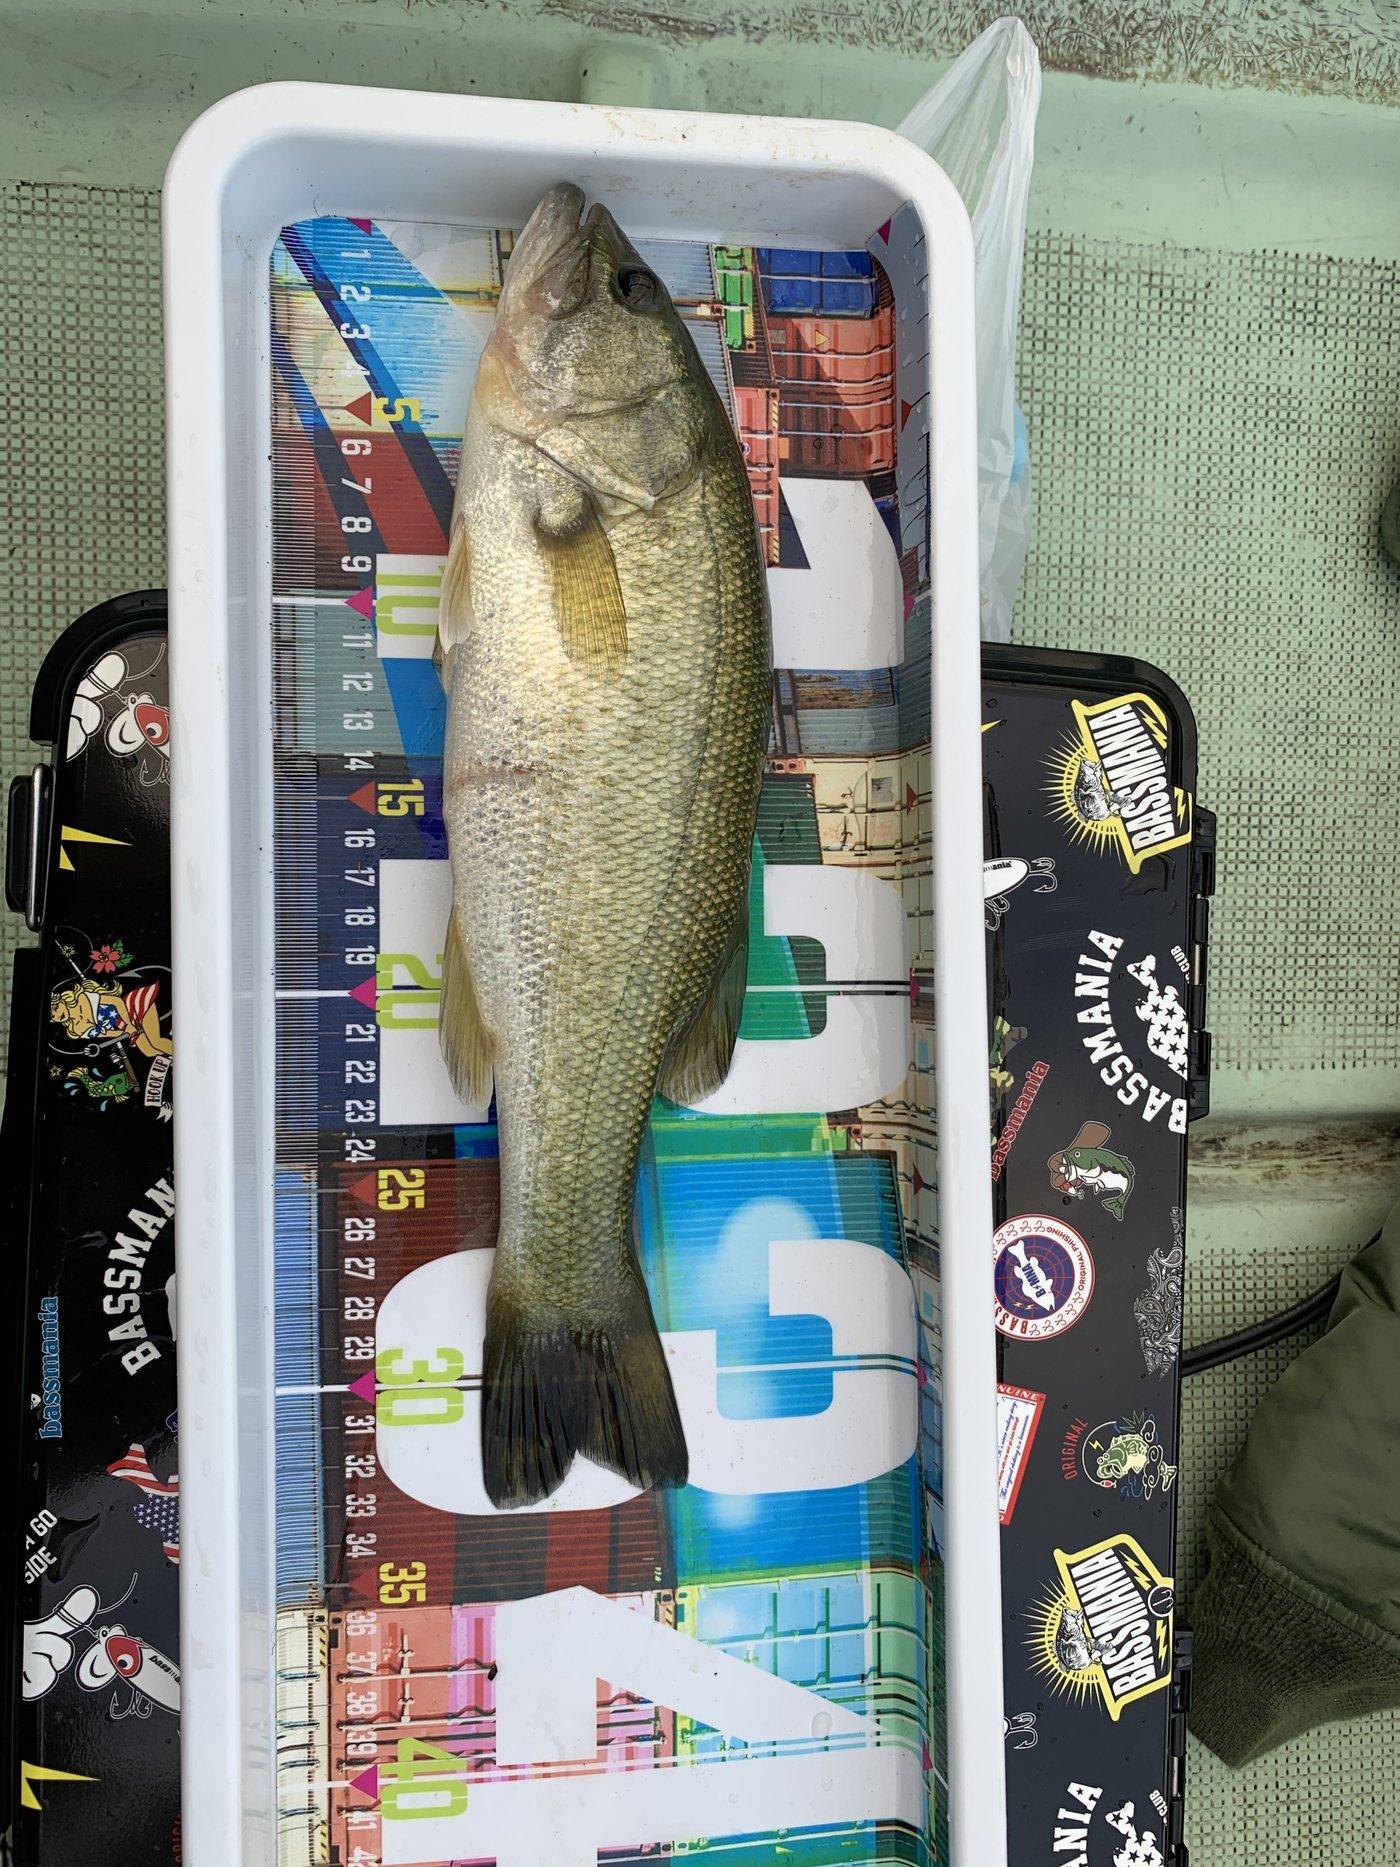 shallowman さんの投稿画像,写っている魚はブラックバス